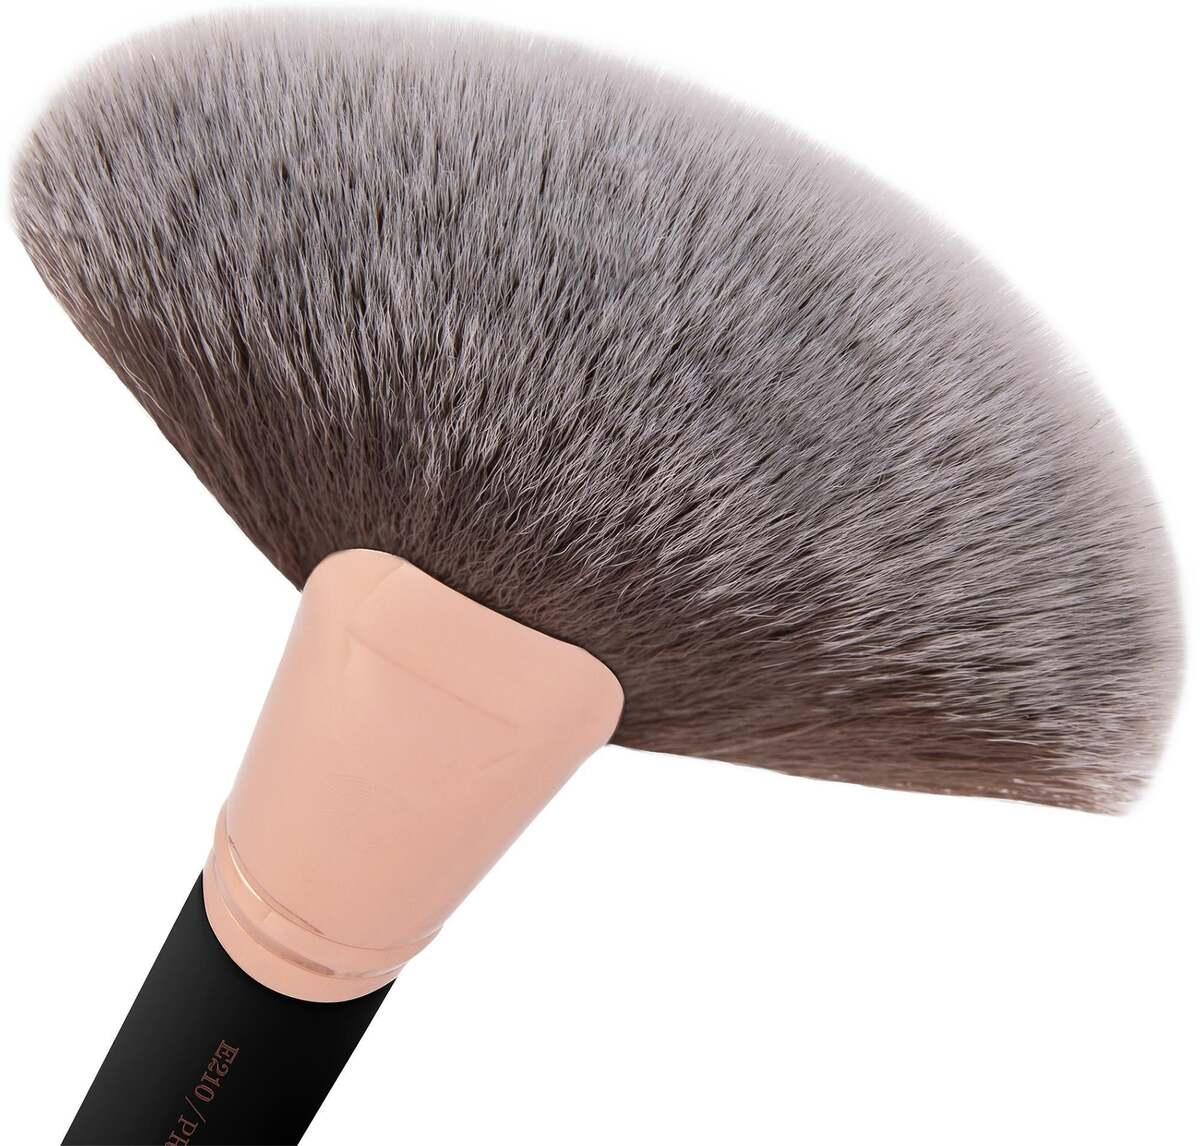 Bild 4 von Luvia Cosmetics E210 Prime Fan